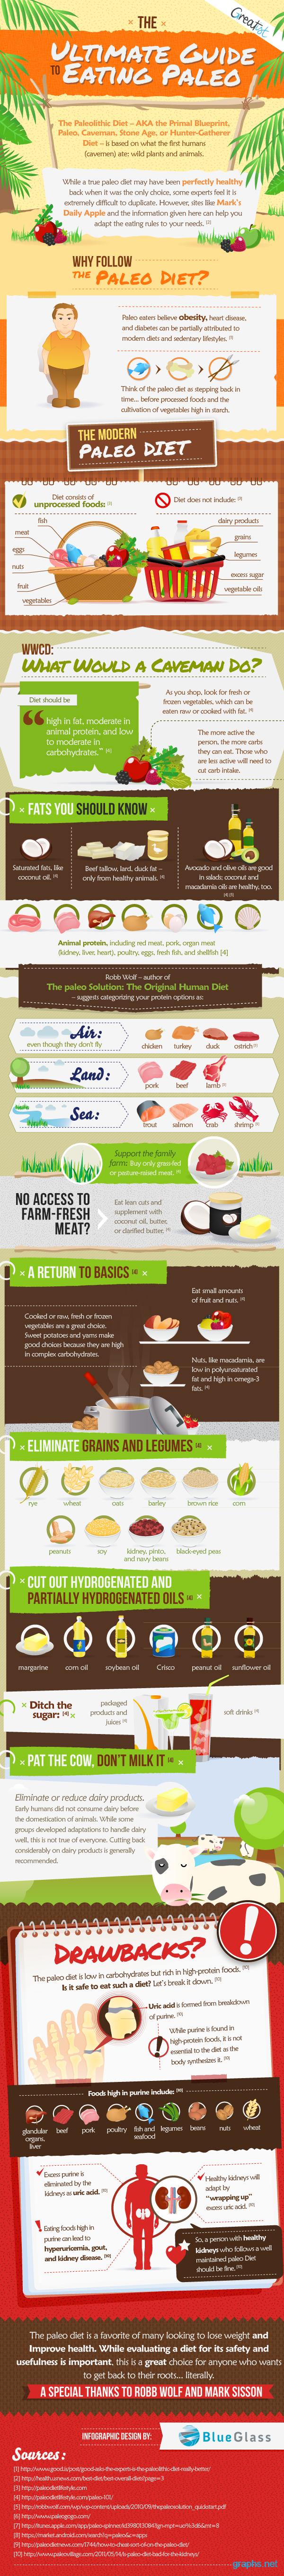 Pre bariatric liquid diet plan image 5